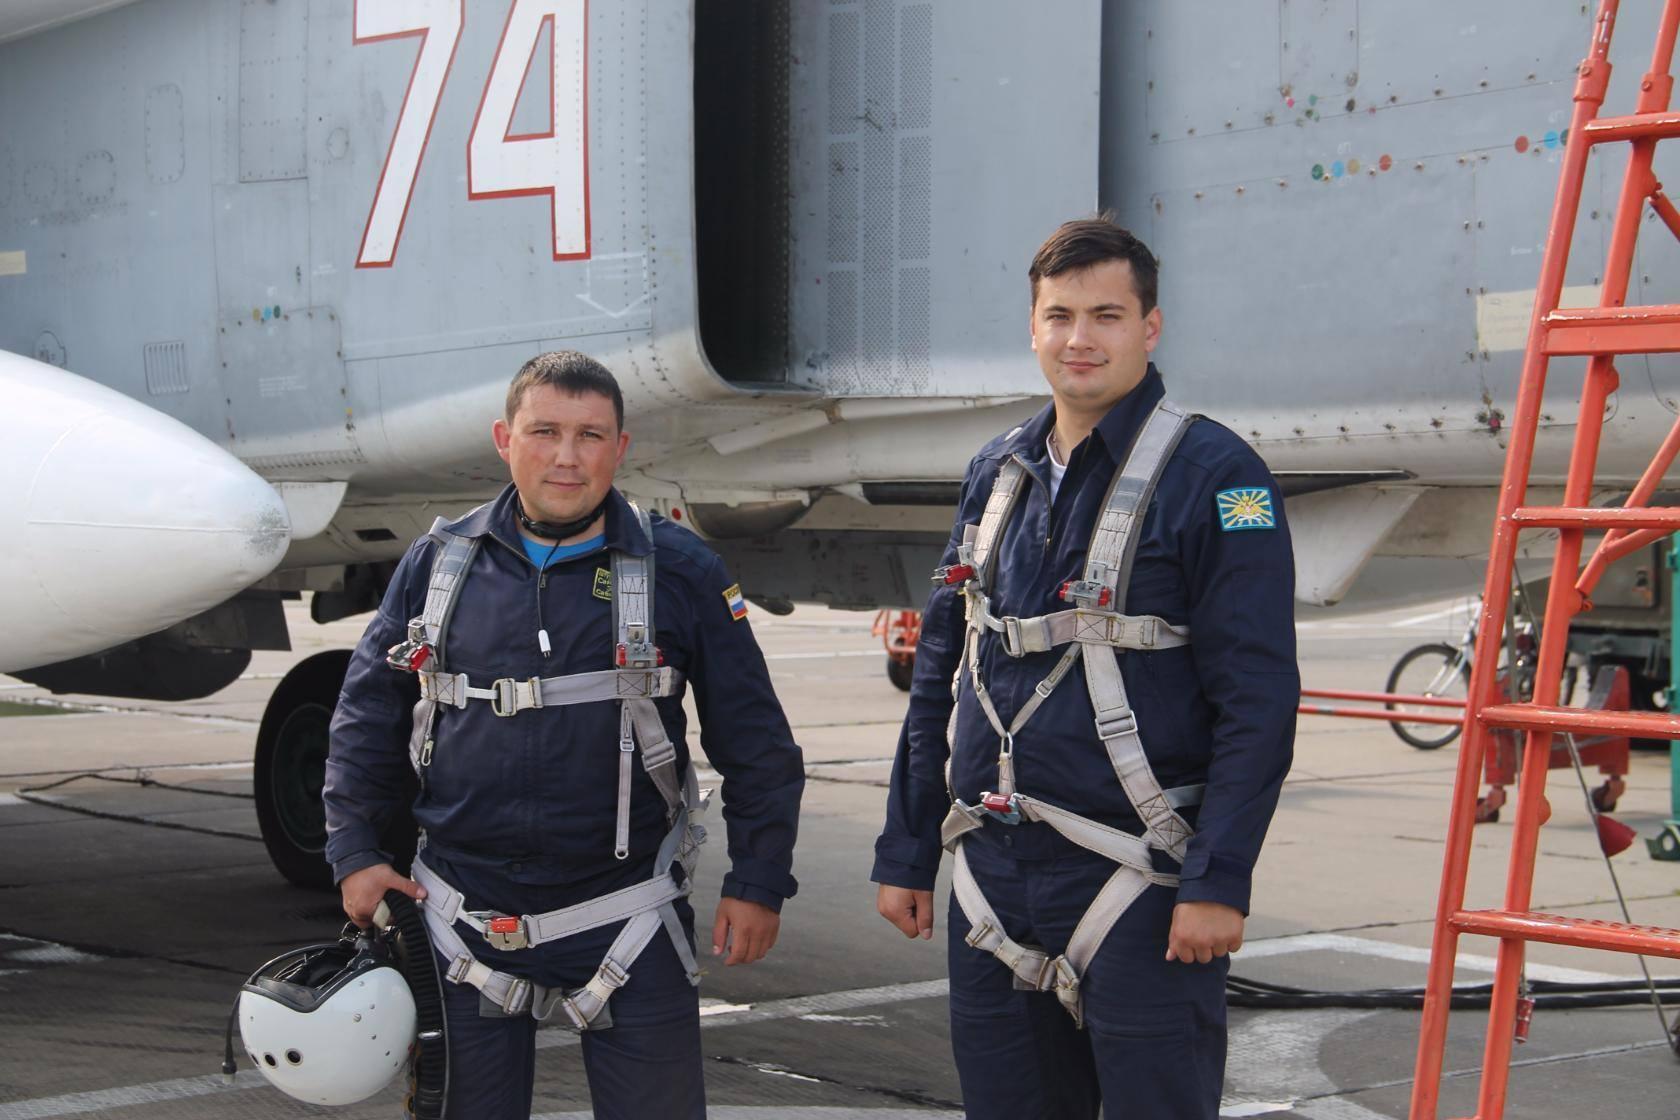 Подарок александра халбашкина бывшего второго пилота 74